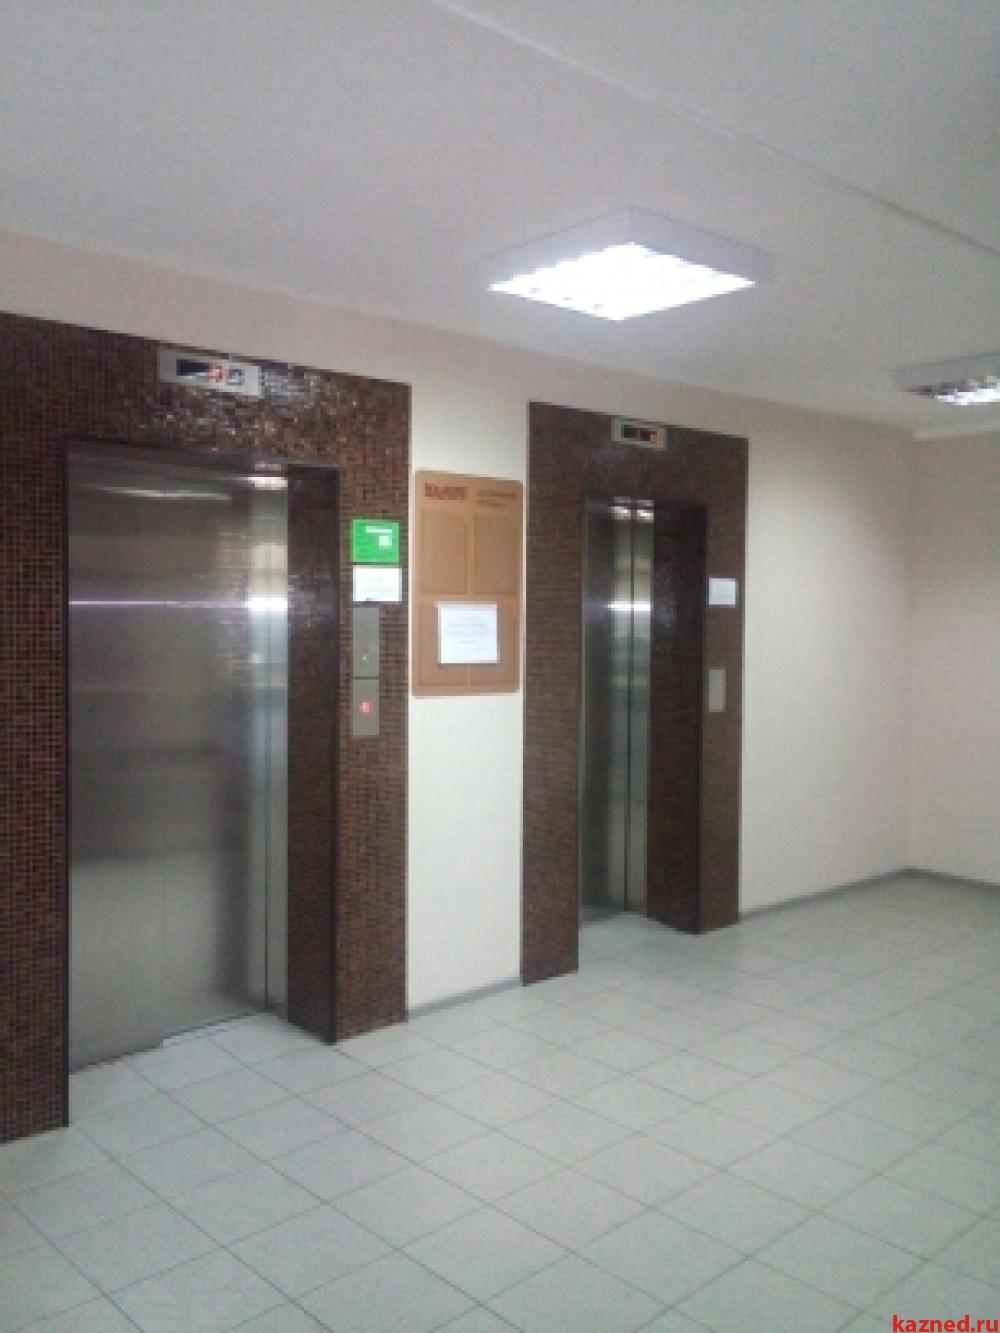 Продажа 1-к квартиры Оренбургский тракт,24Б, 48 м²  (миниатюра №5)